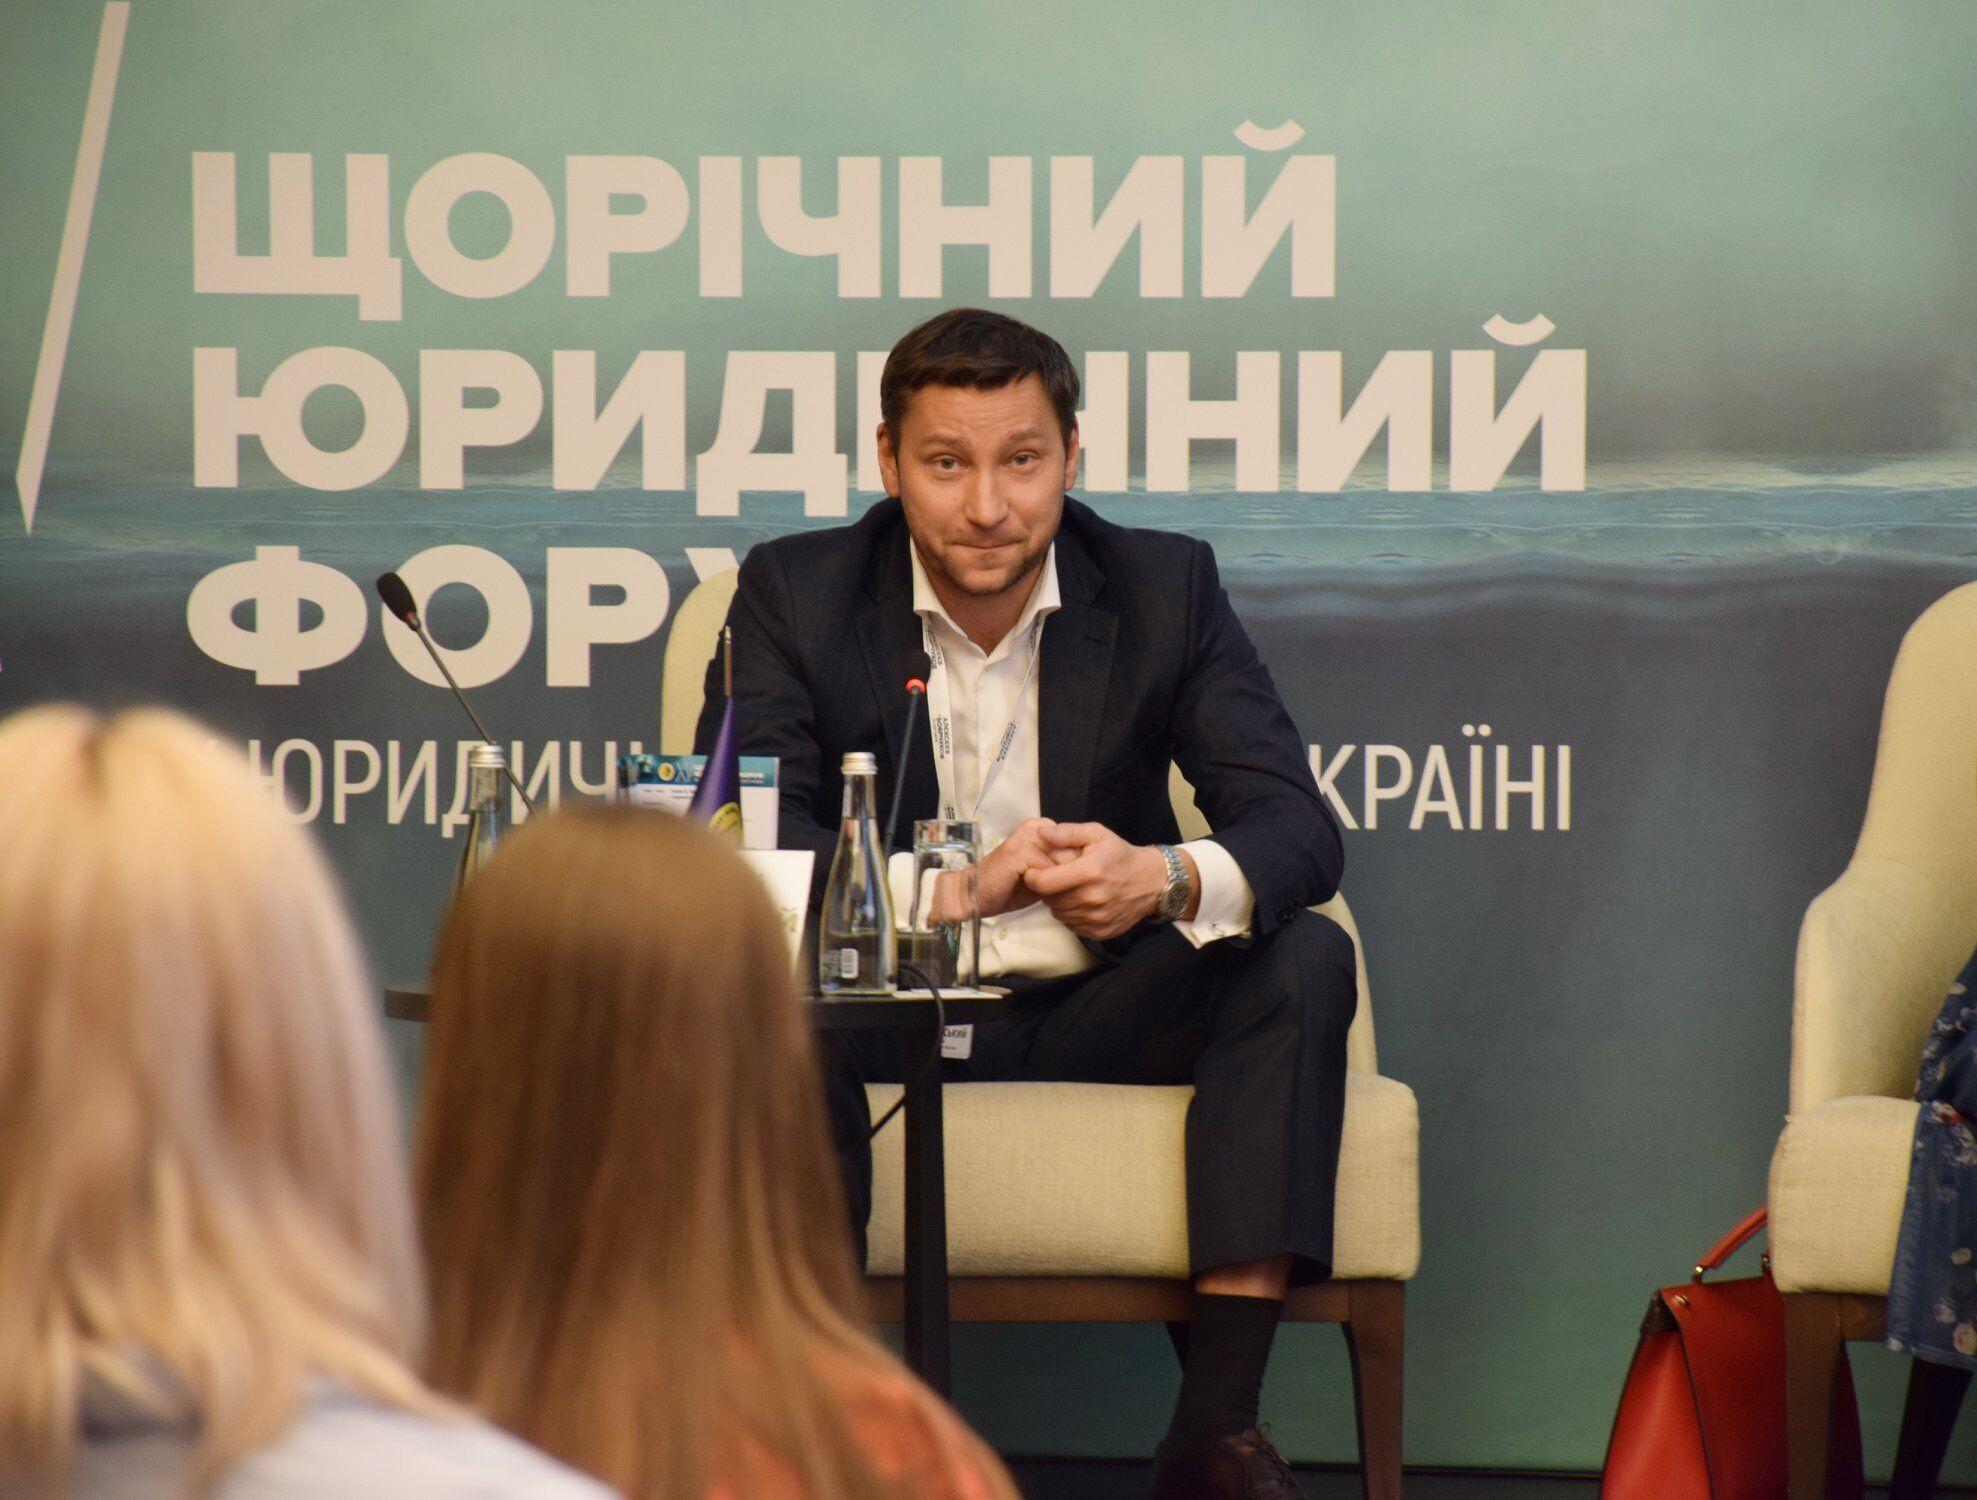 Олексій Дідковський на банківському форумі